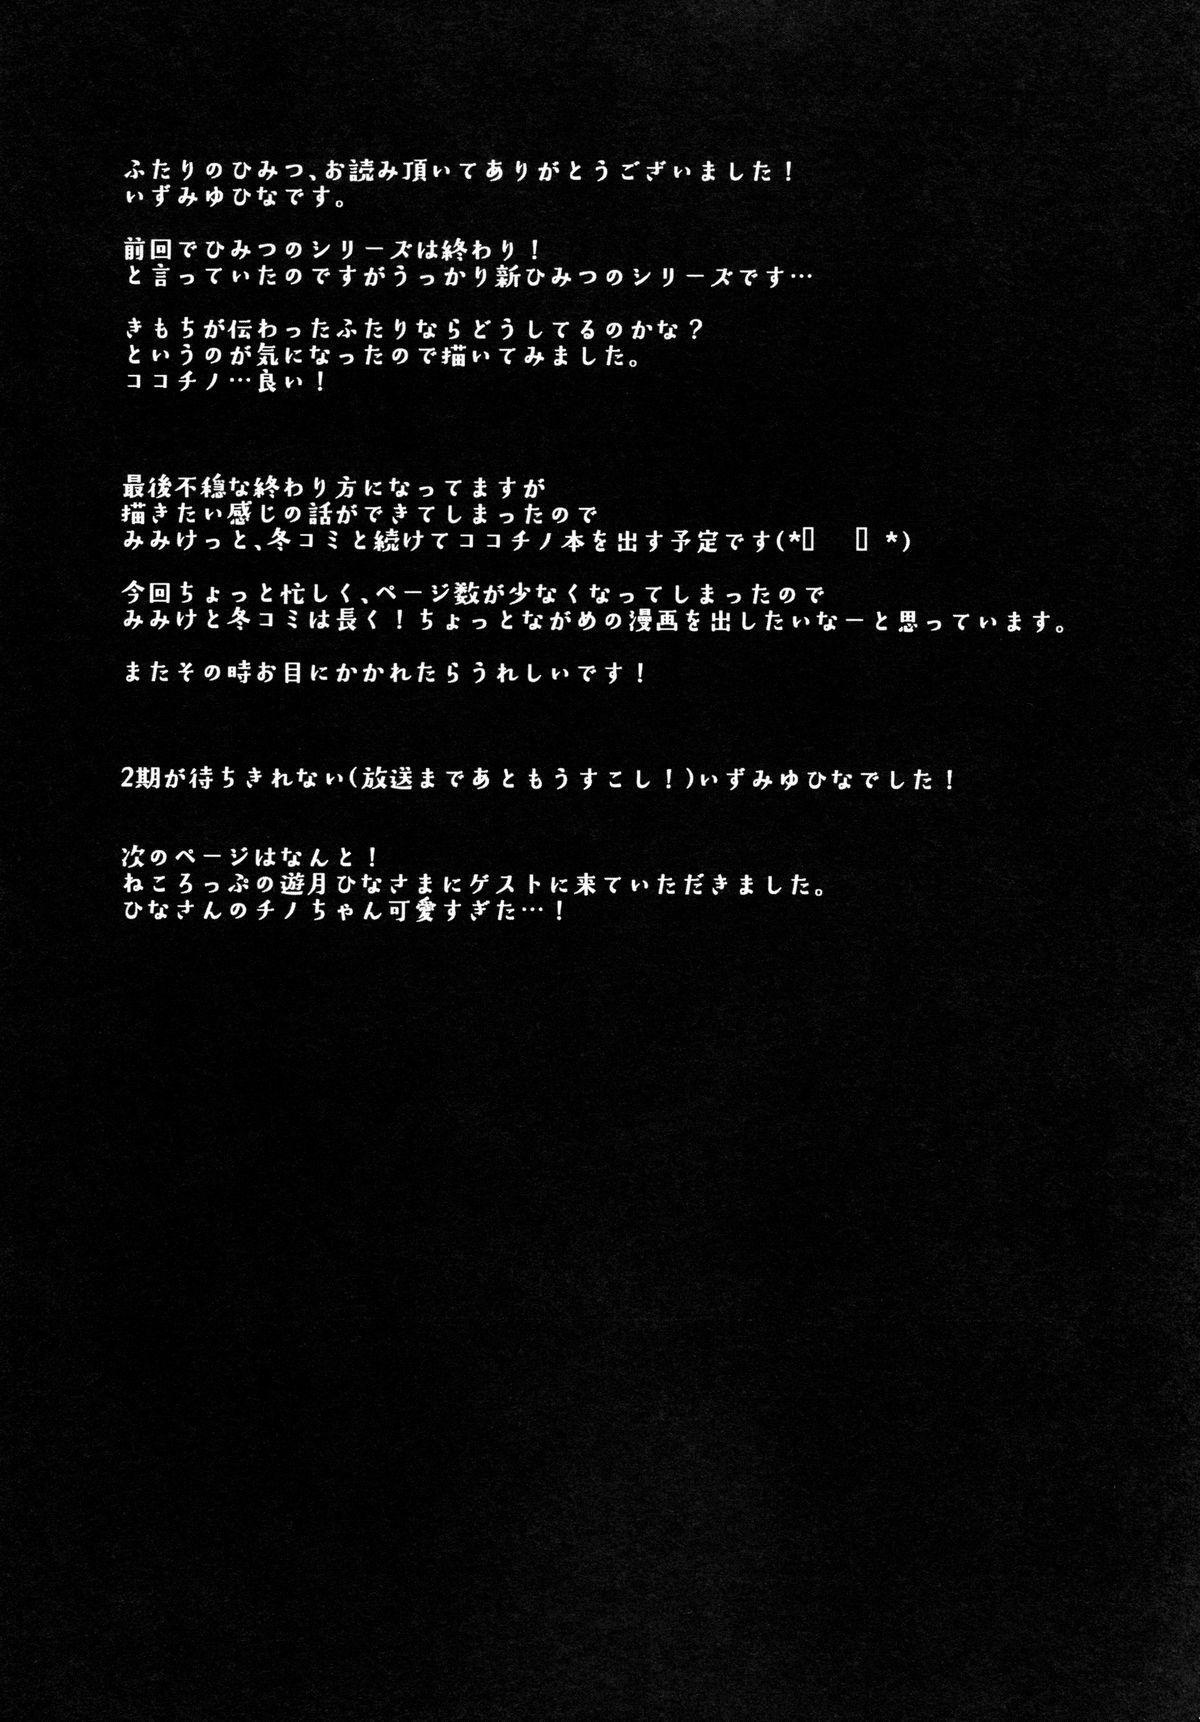 Futari no Himitsu 13